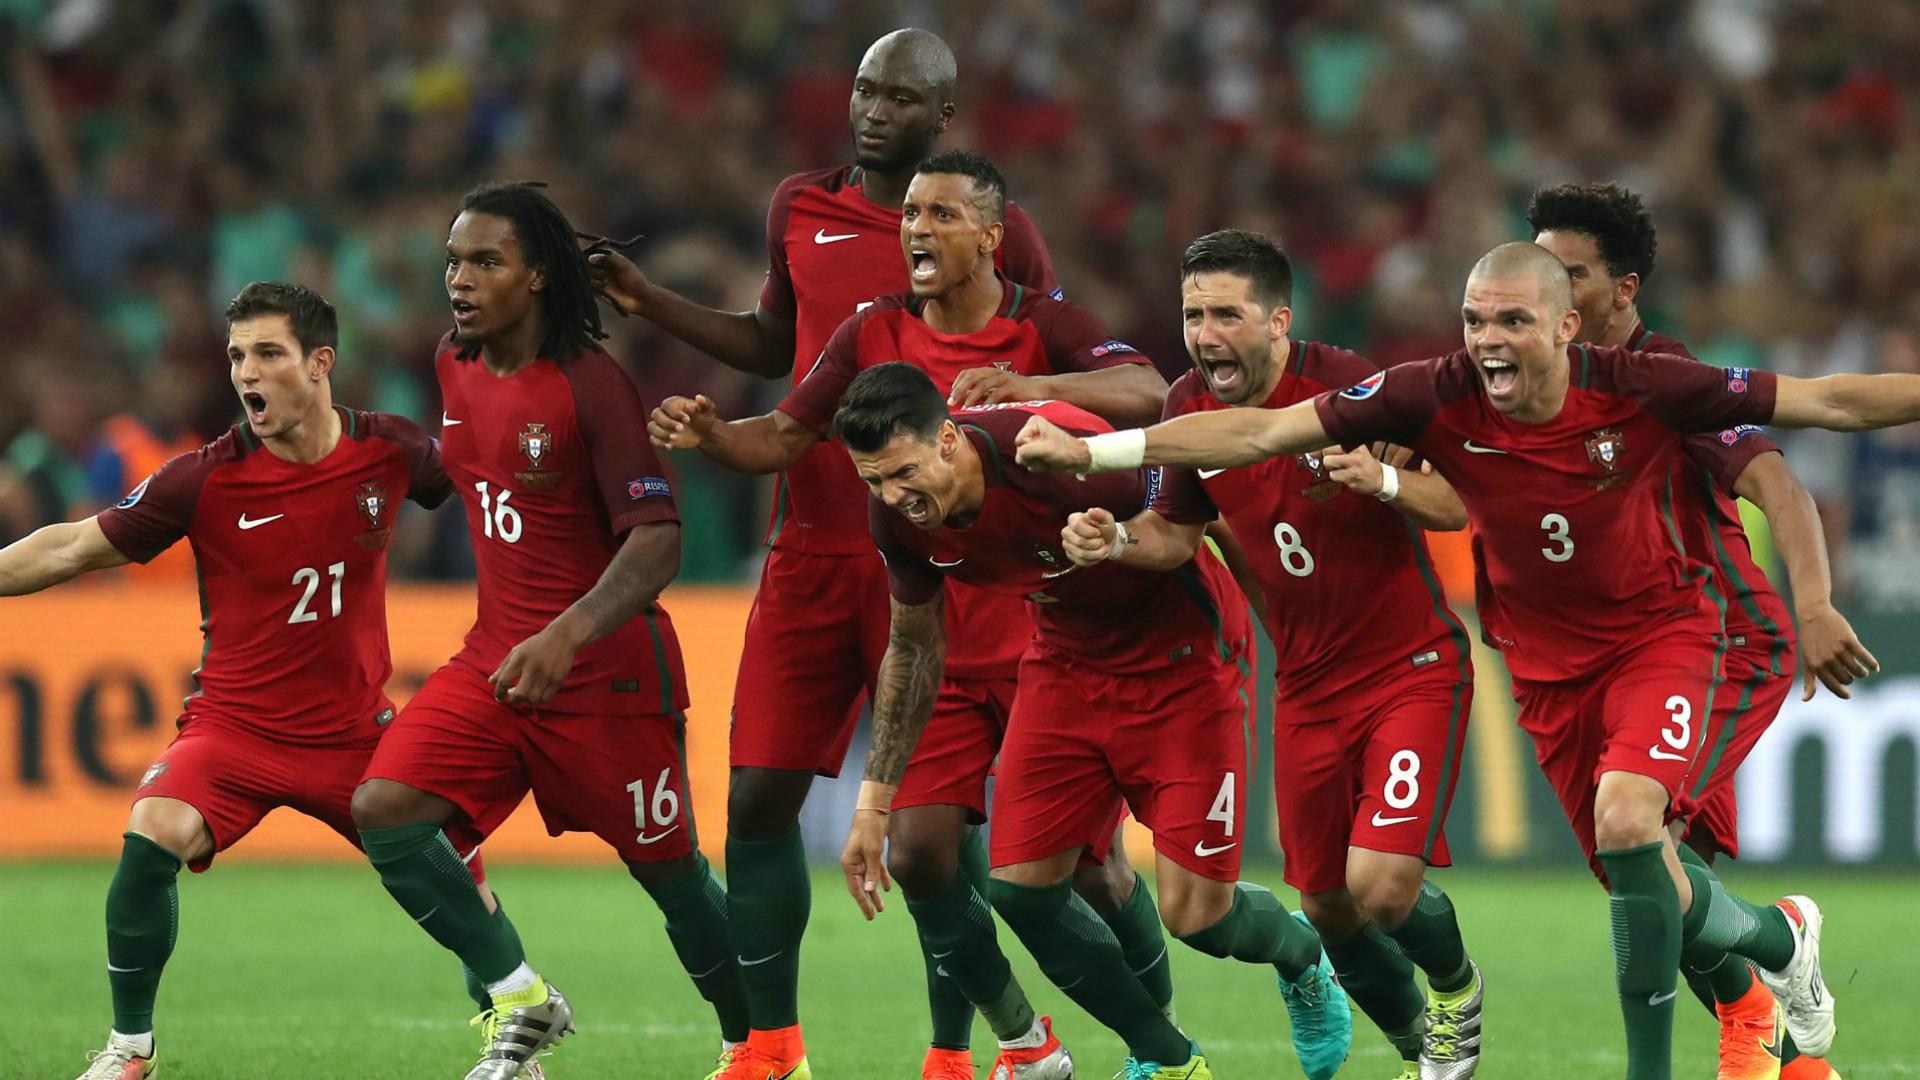 portugal-euro-2016_15c6ql2k5tez31xciga1irqixi